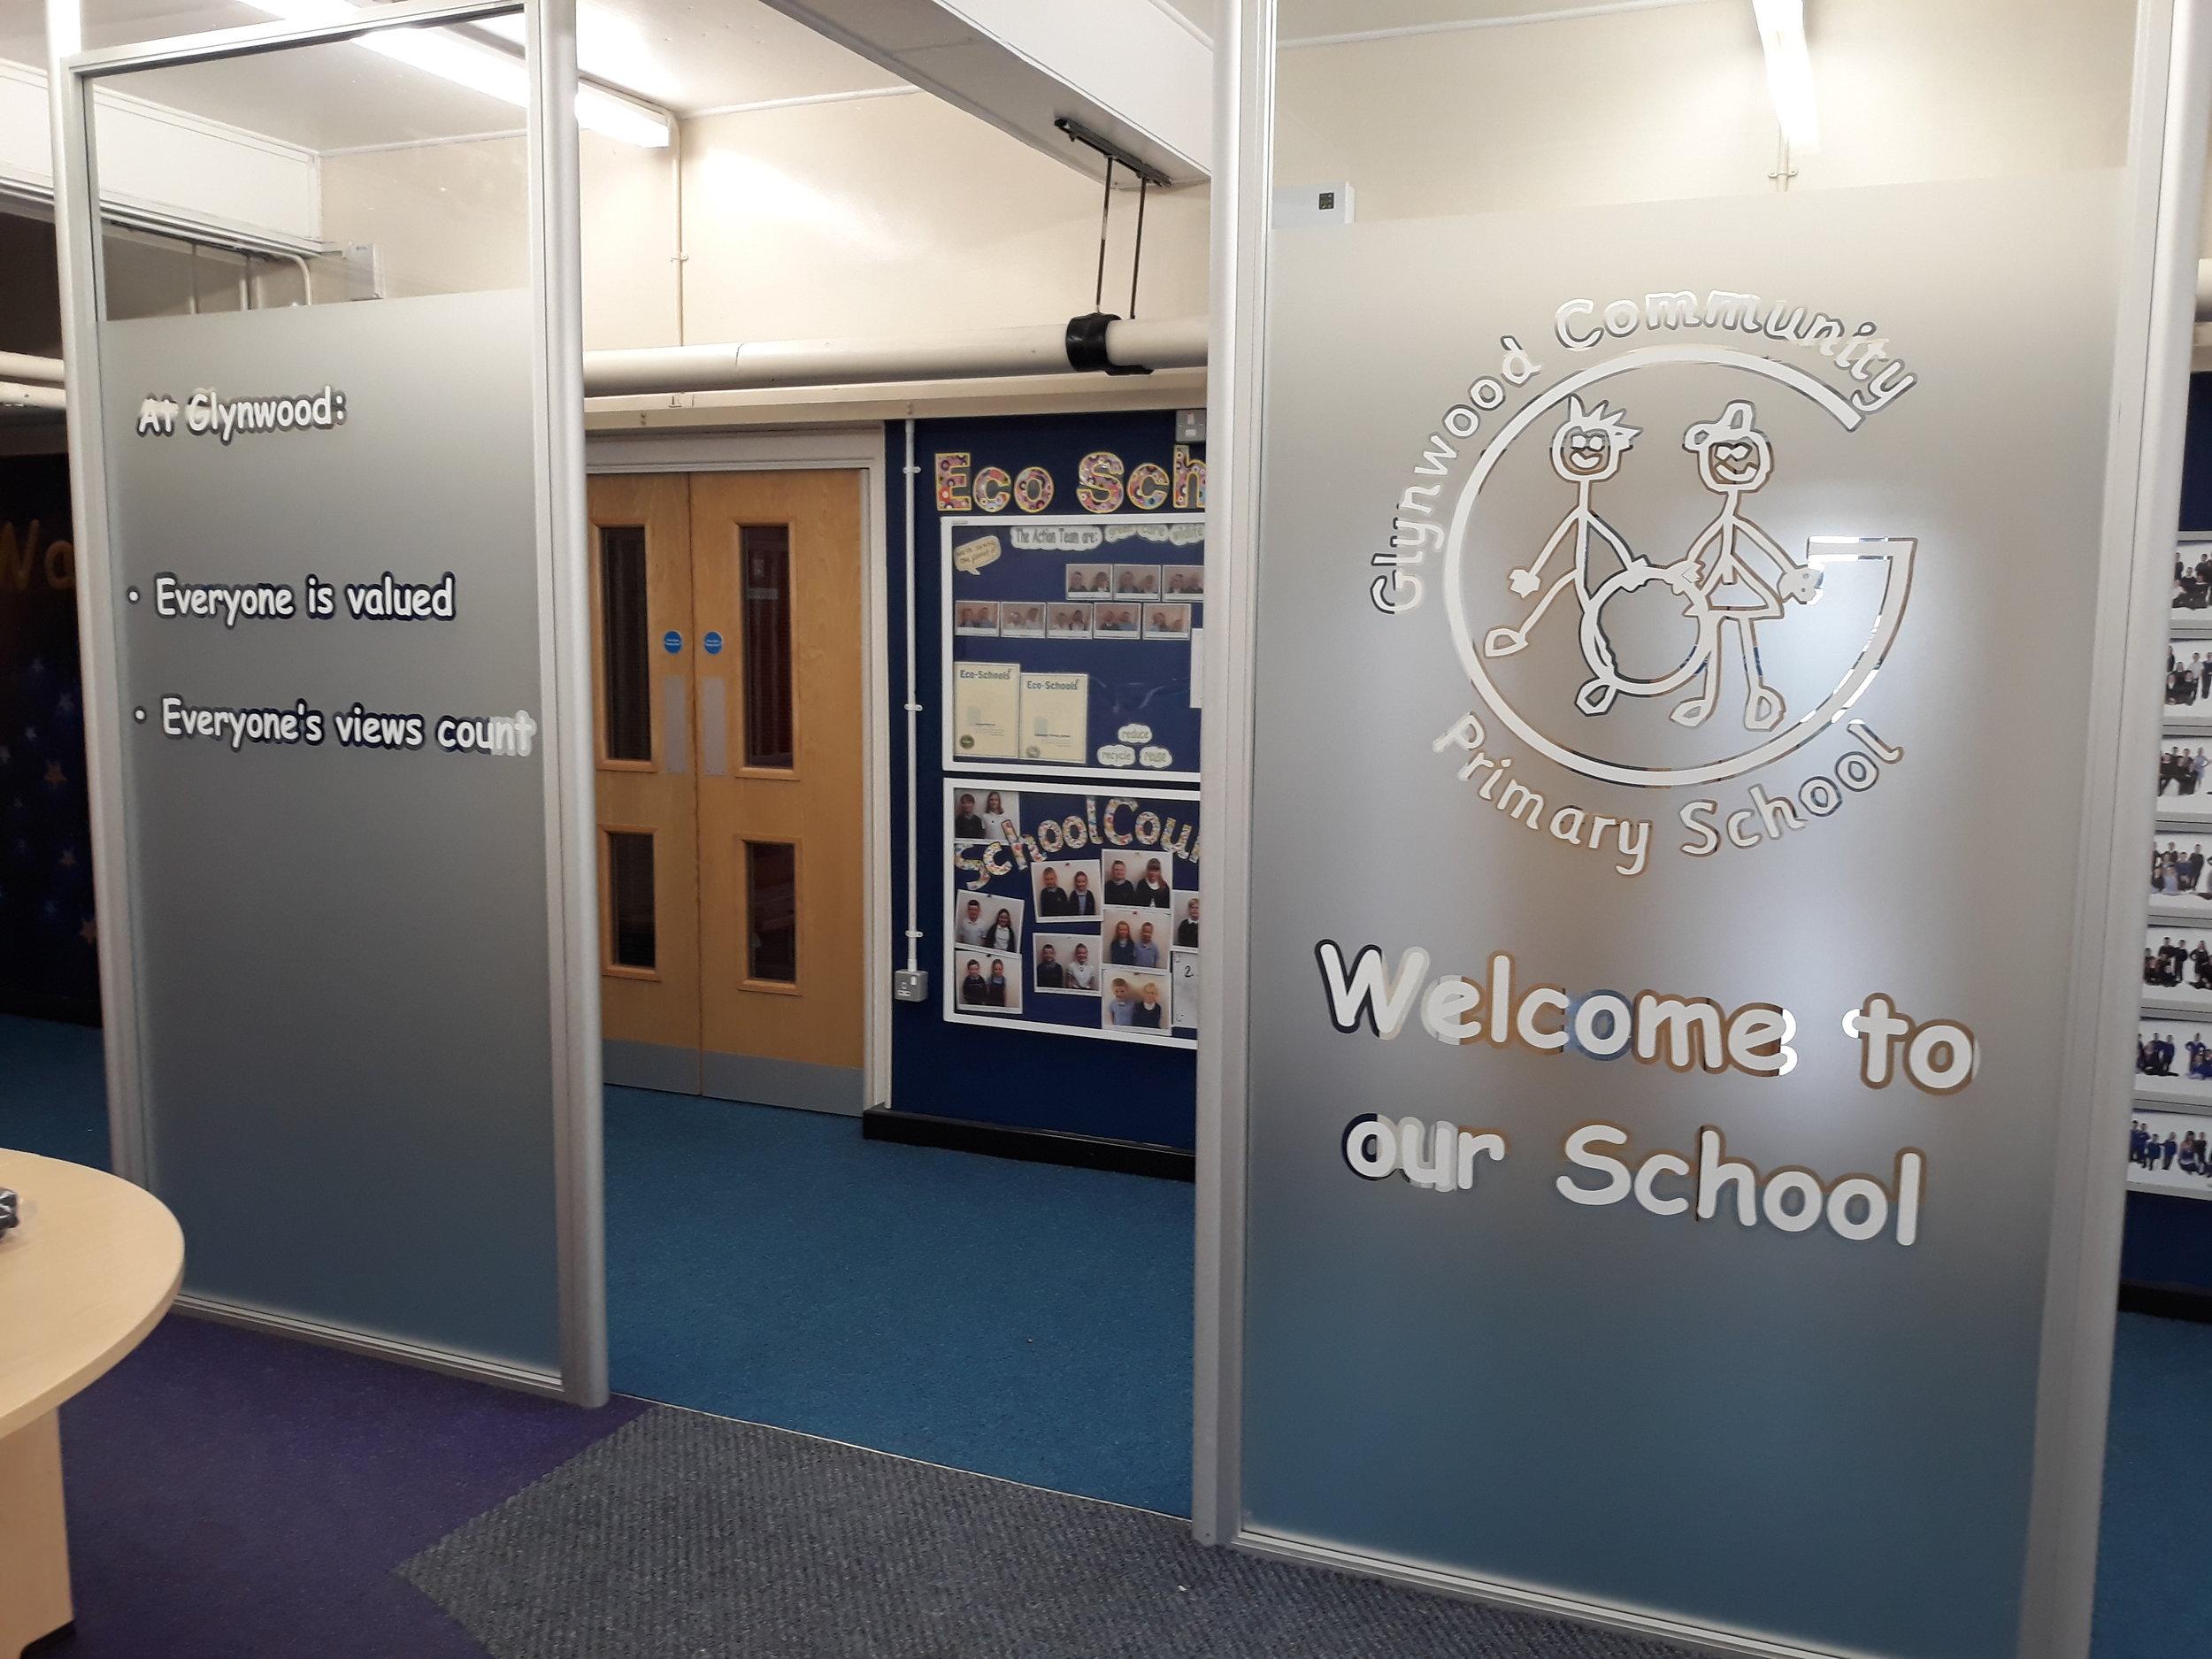 Glynwood Community Primary School